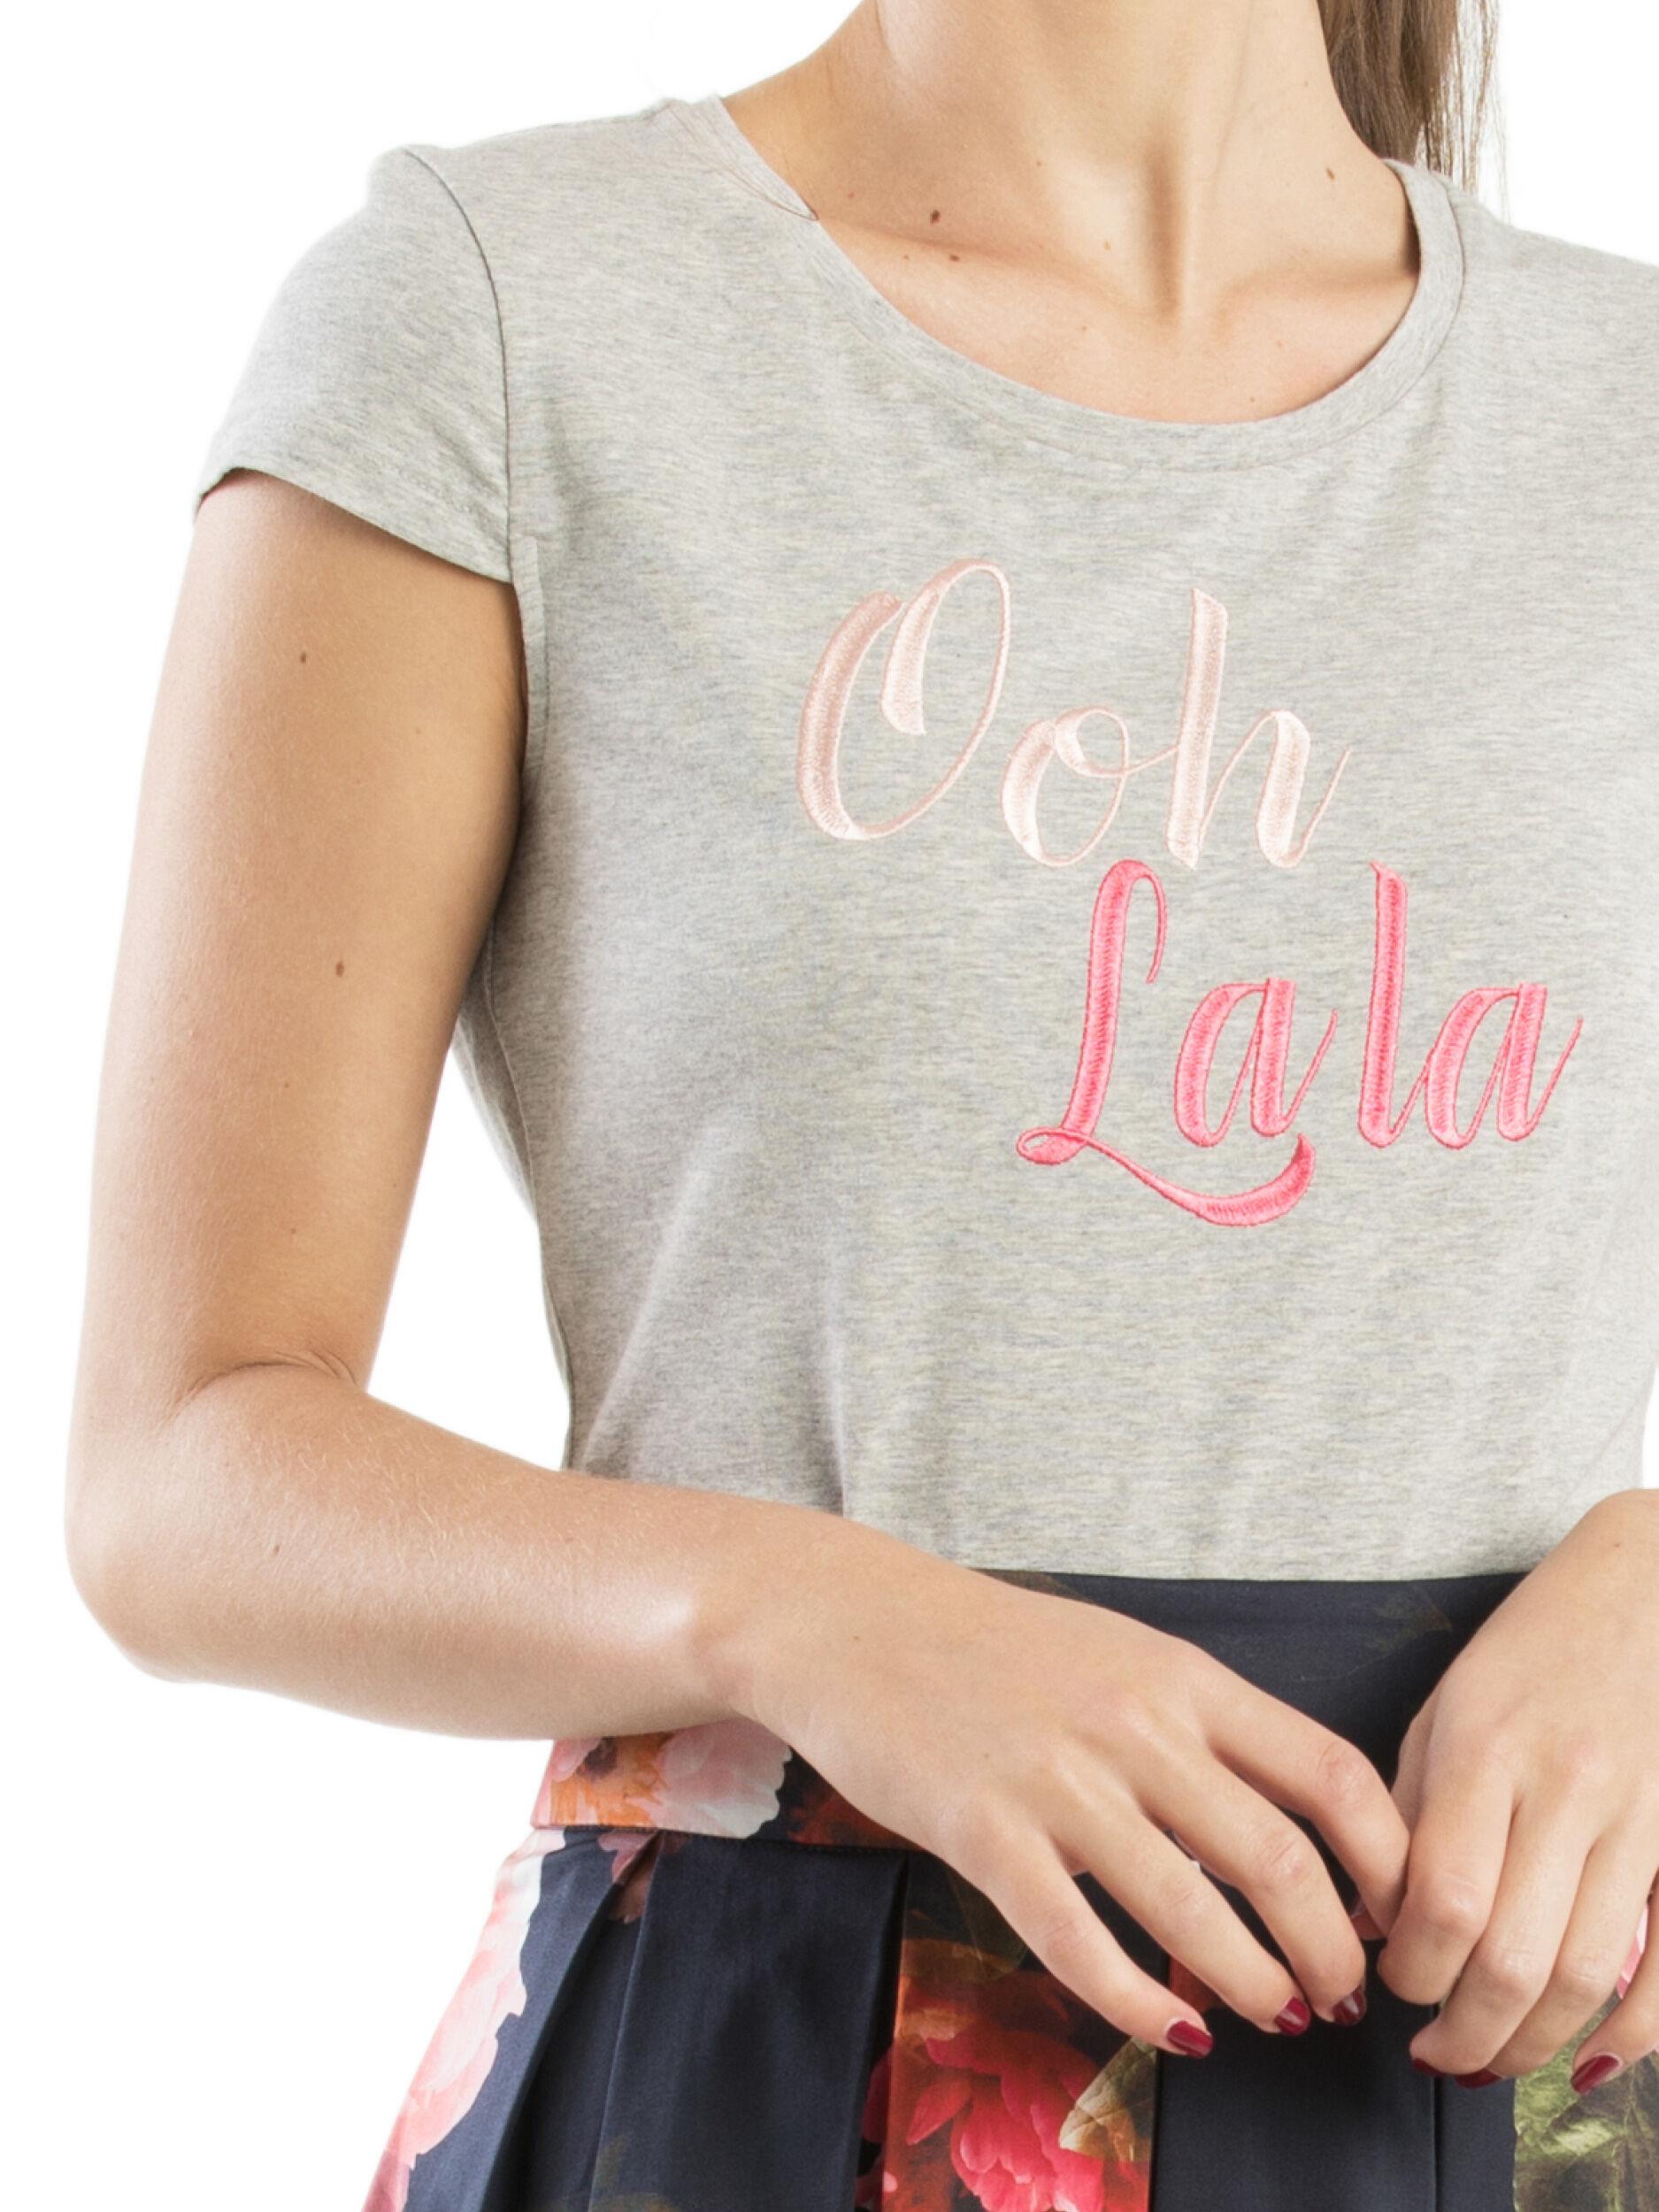 Ooh La La Tshirt